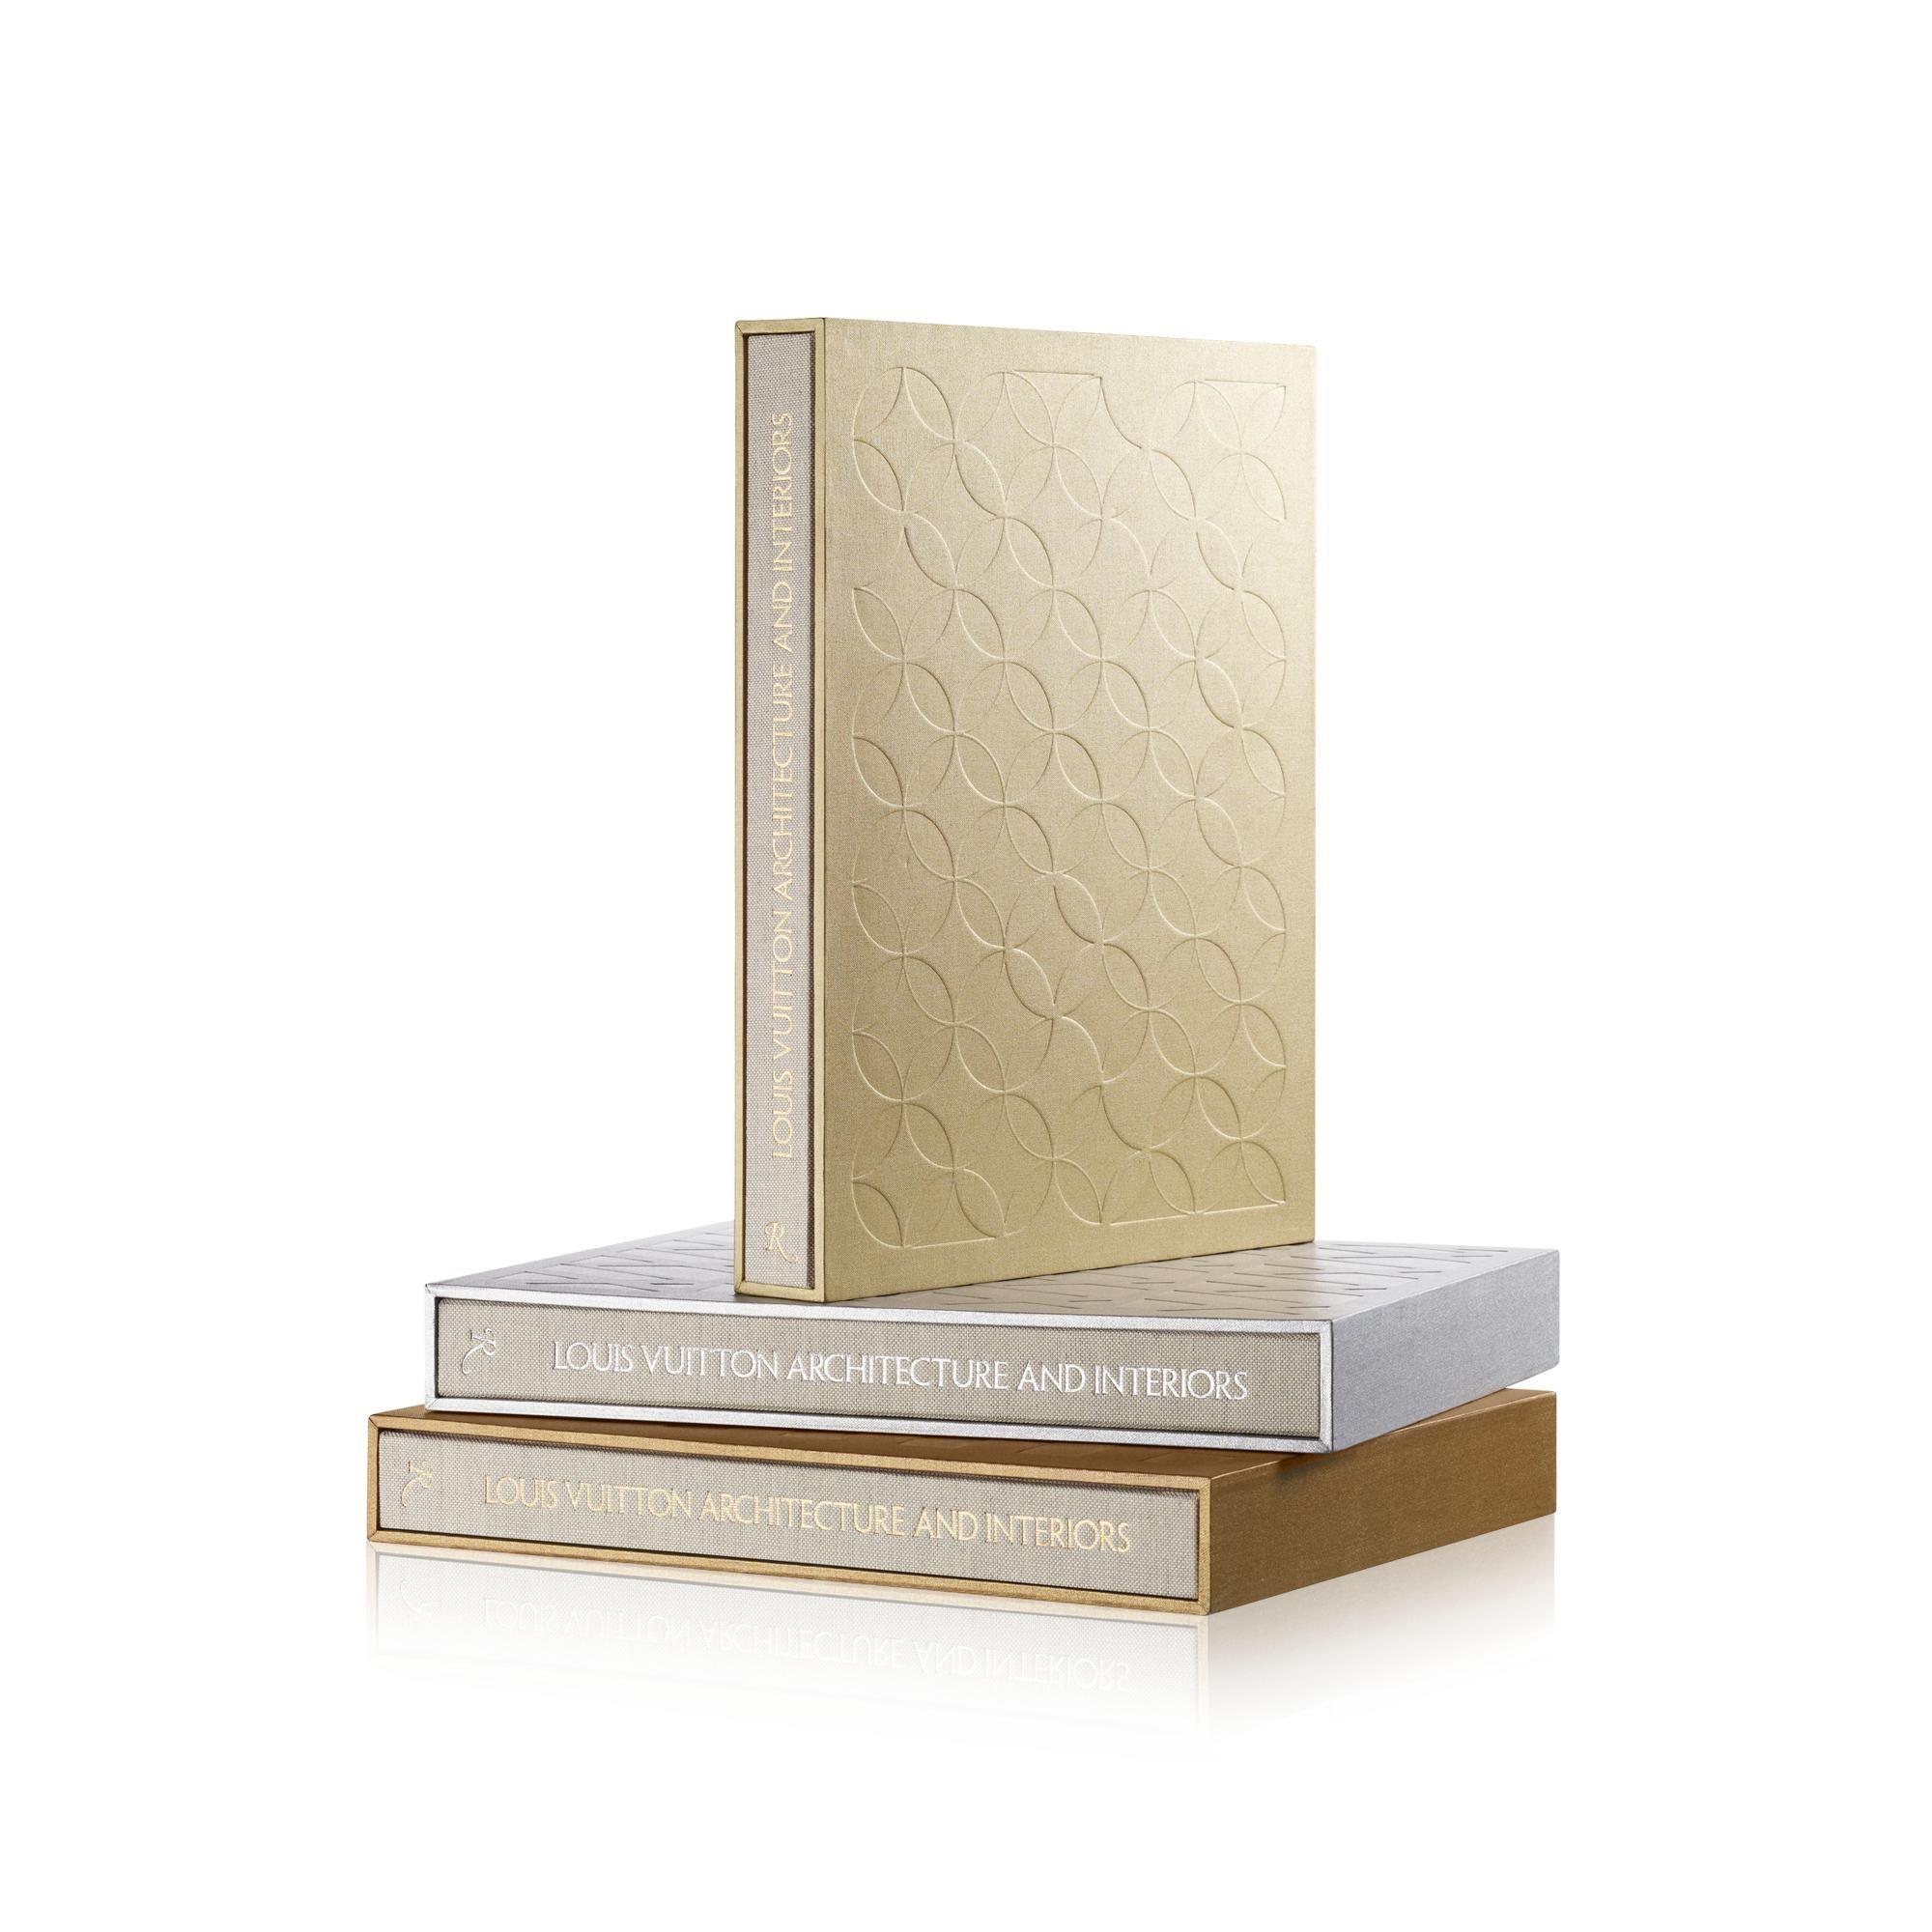 Louis Vuitton Louis Vuitton Architecture And Interiors English Version Louis Vuitton Art De Vivre Joaillerie